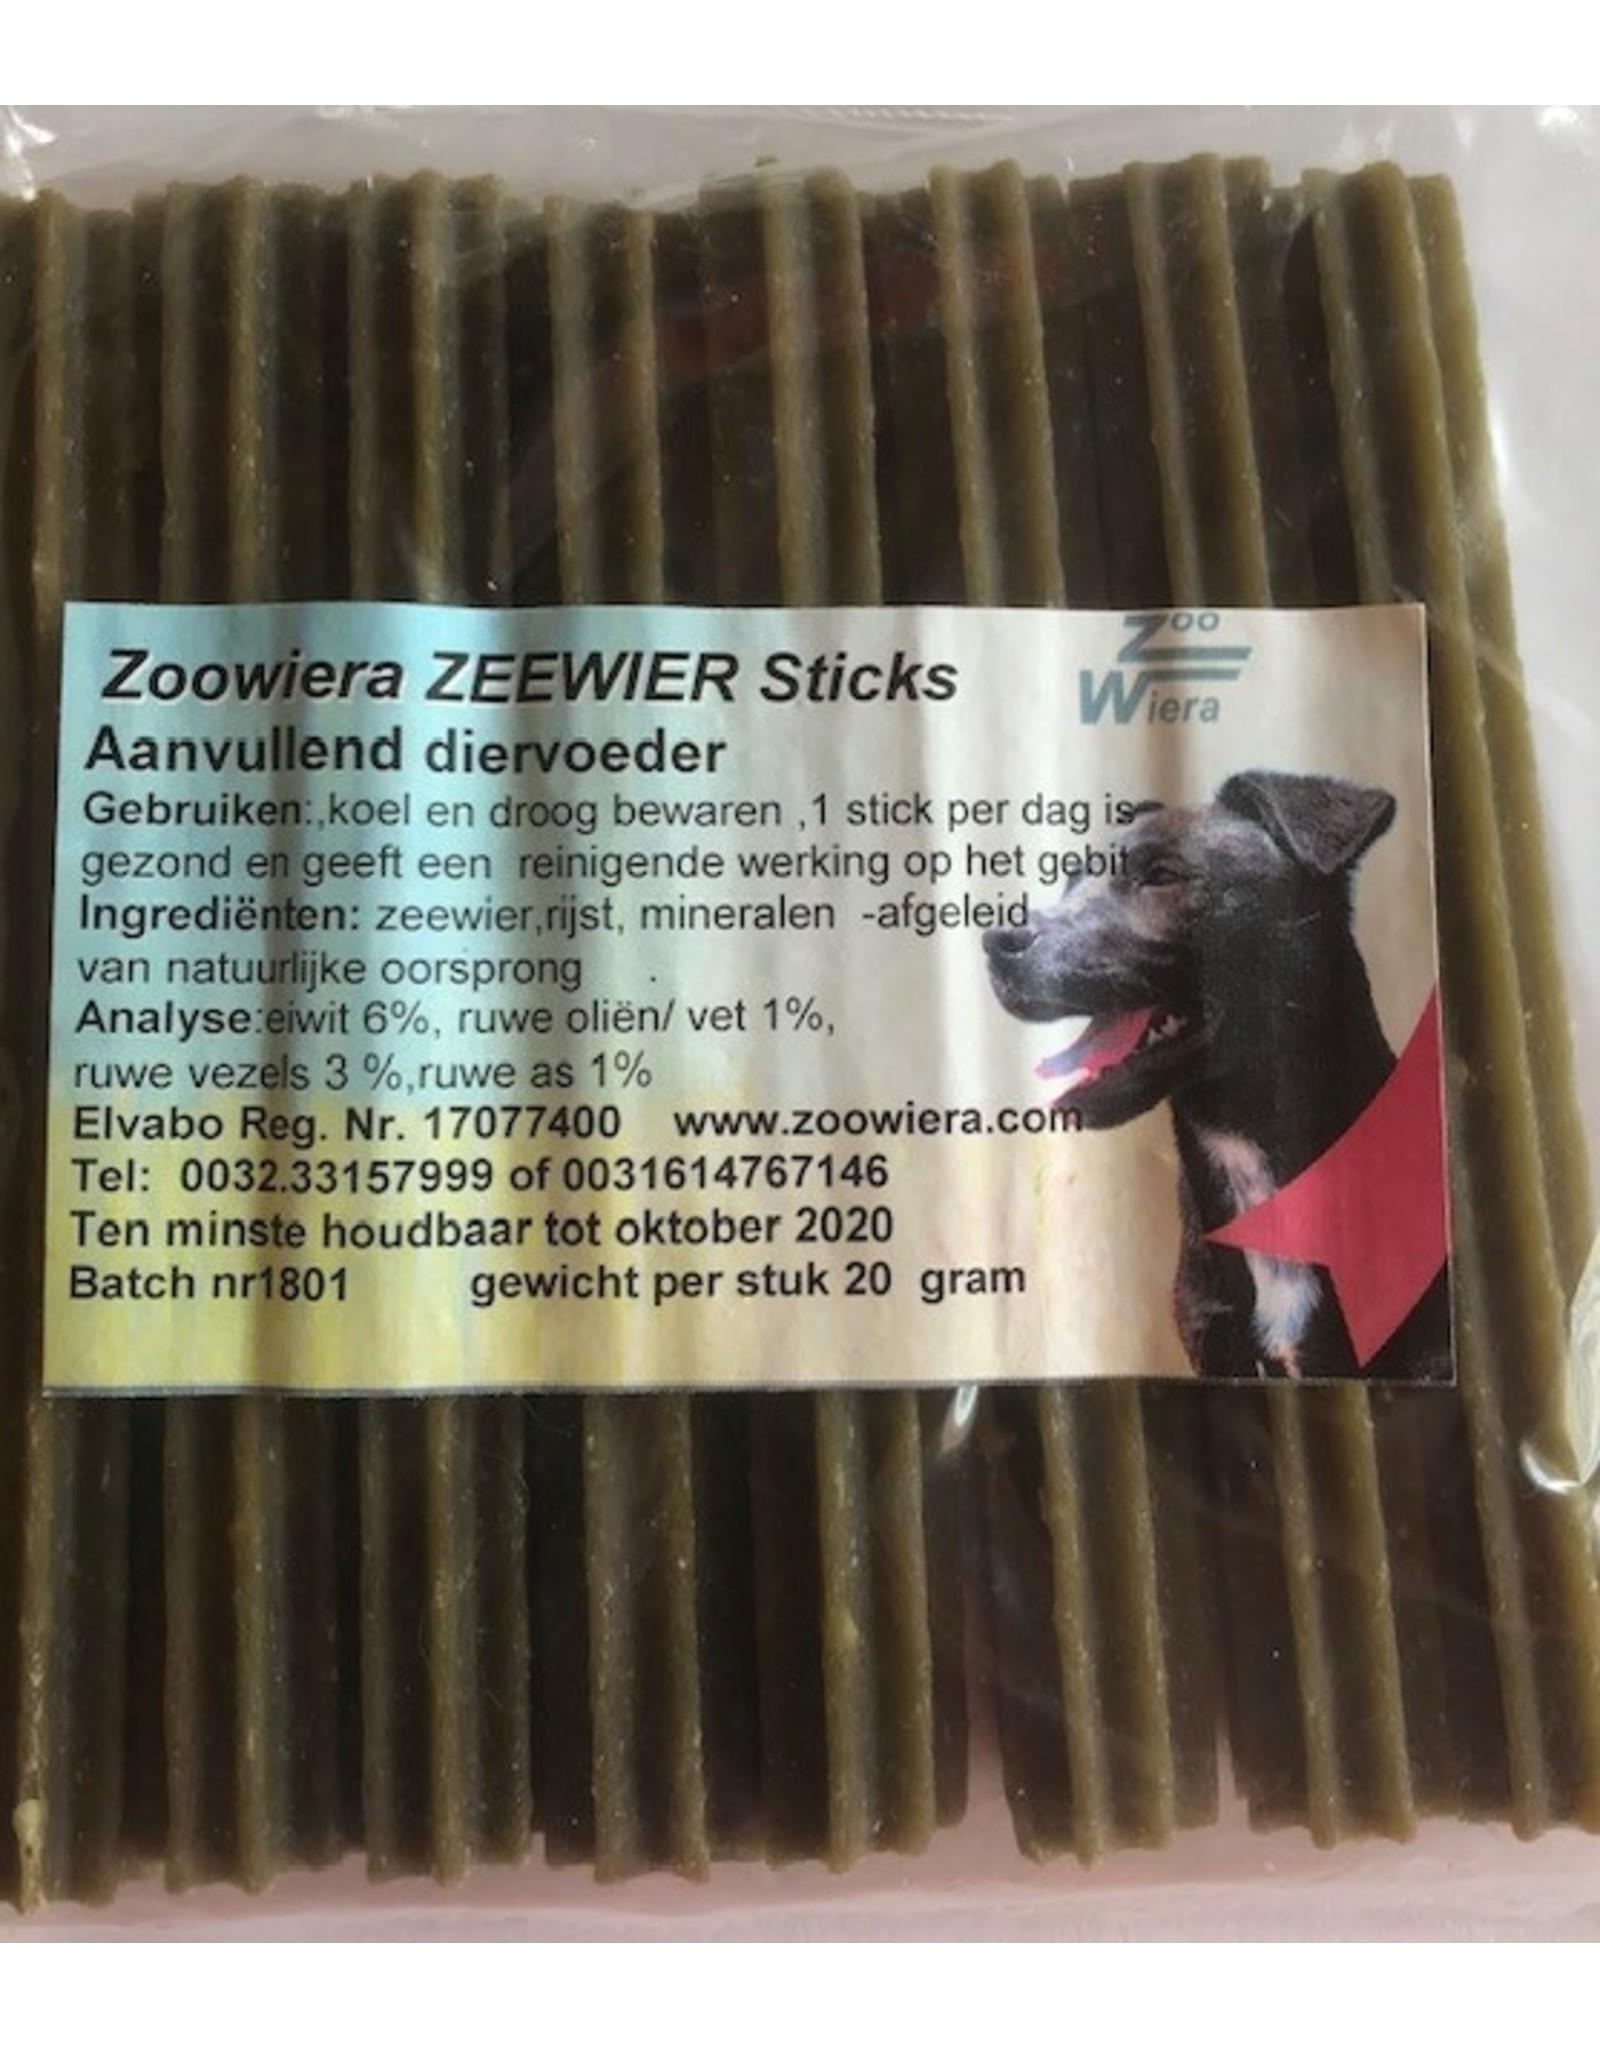 Zoowiera zeewier sticks (S) KLEIN (8)